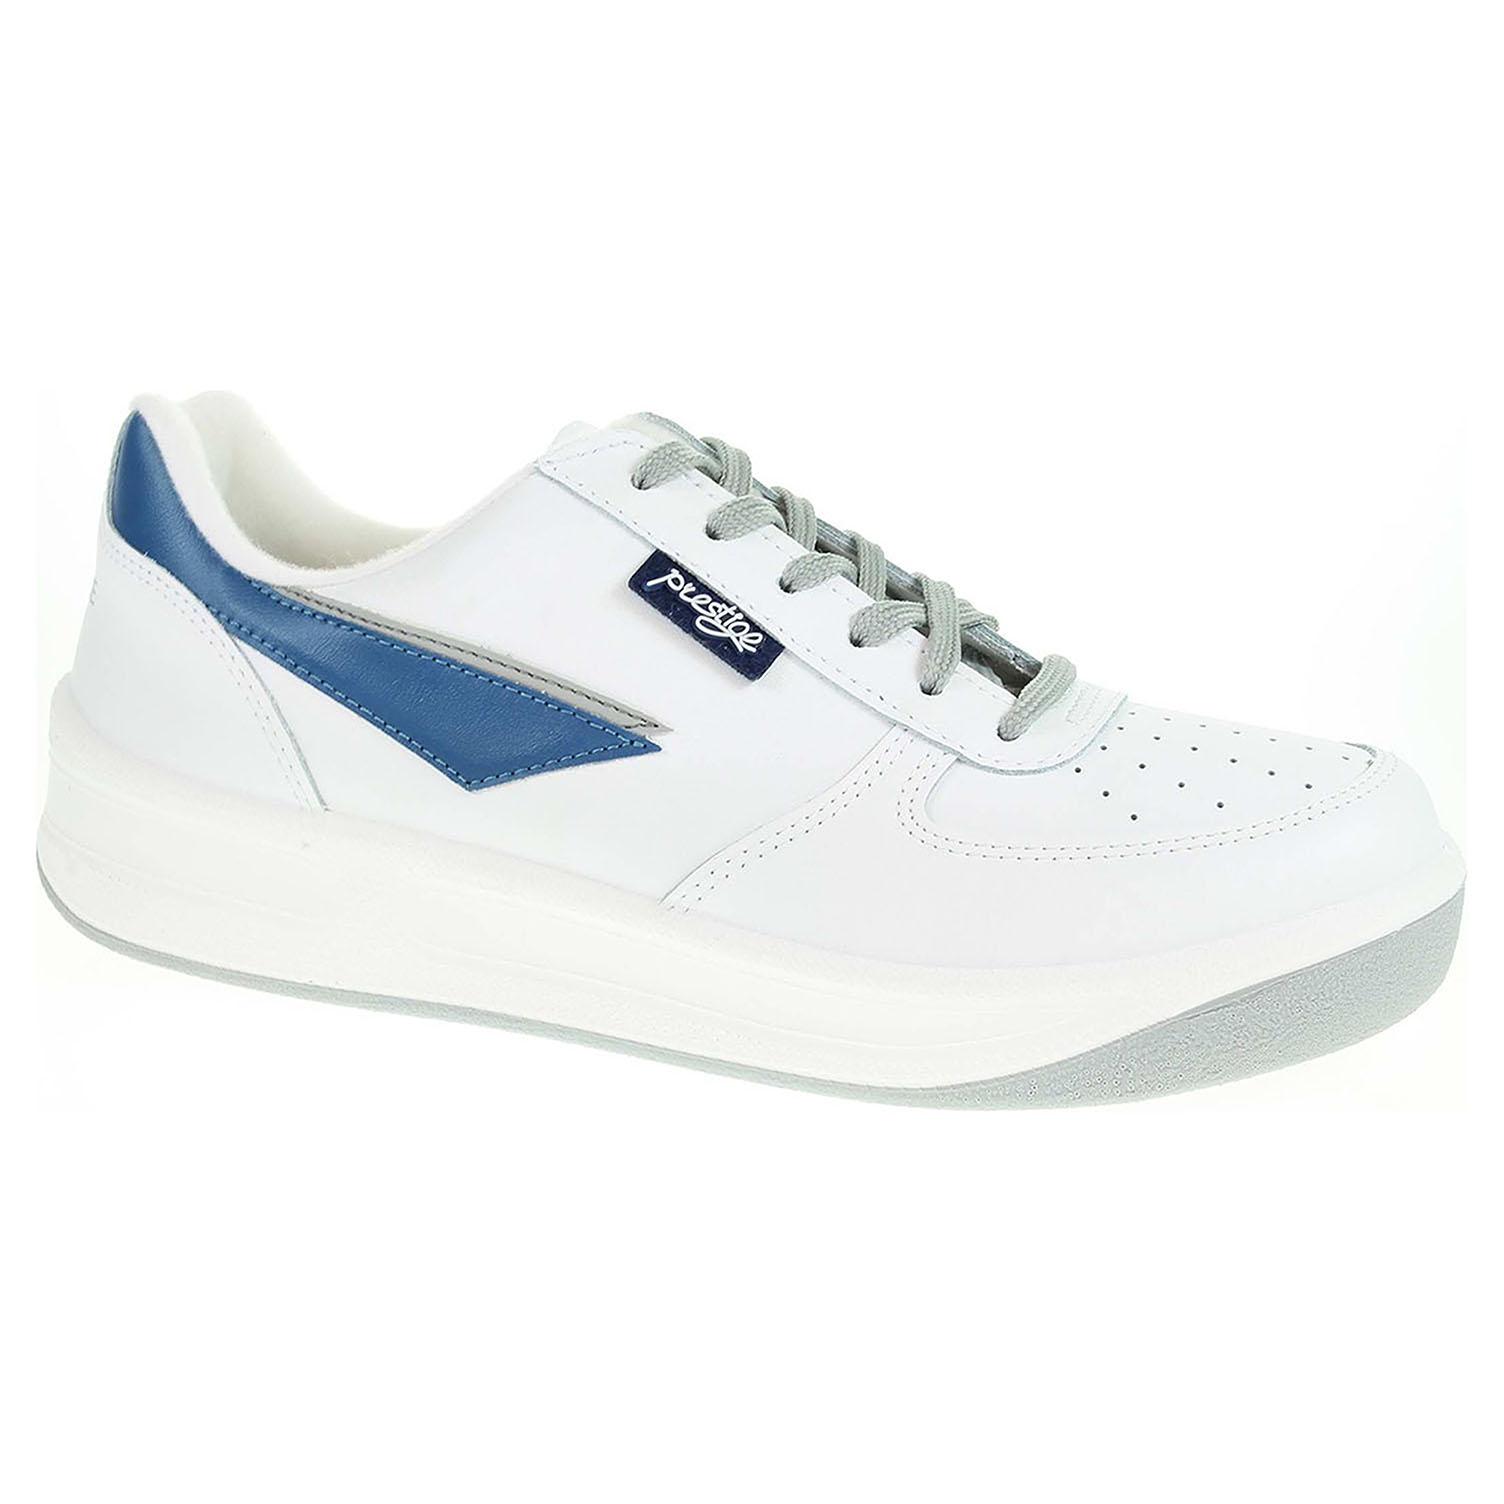 7afe0e49f4212 Dámská obuv Prestige 86808-10 bílá 86808-10 bílá 39